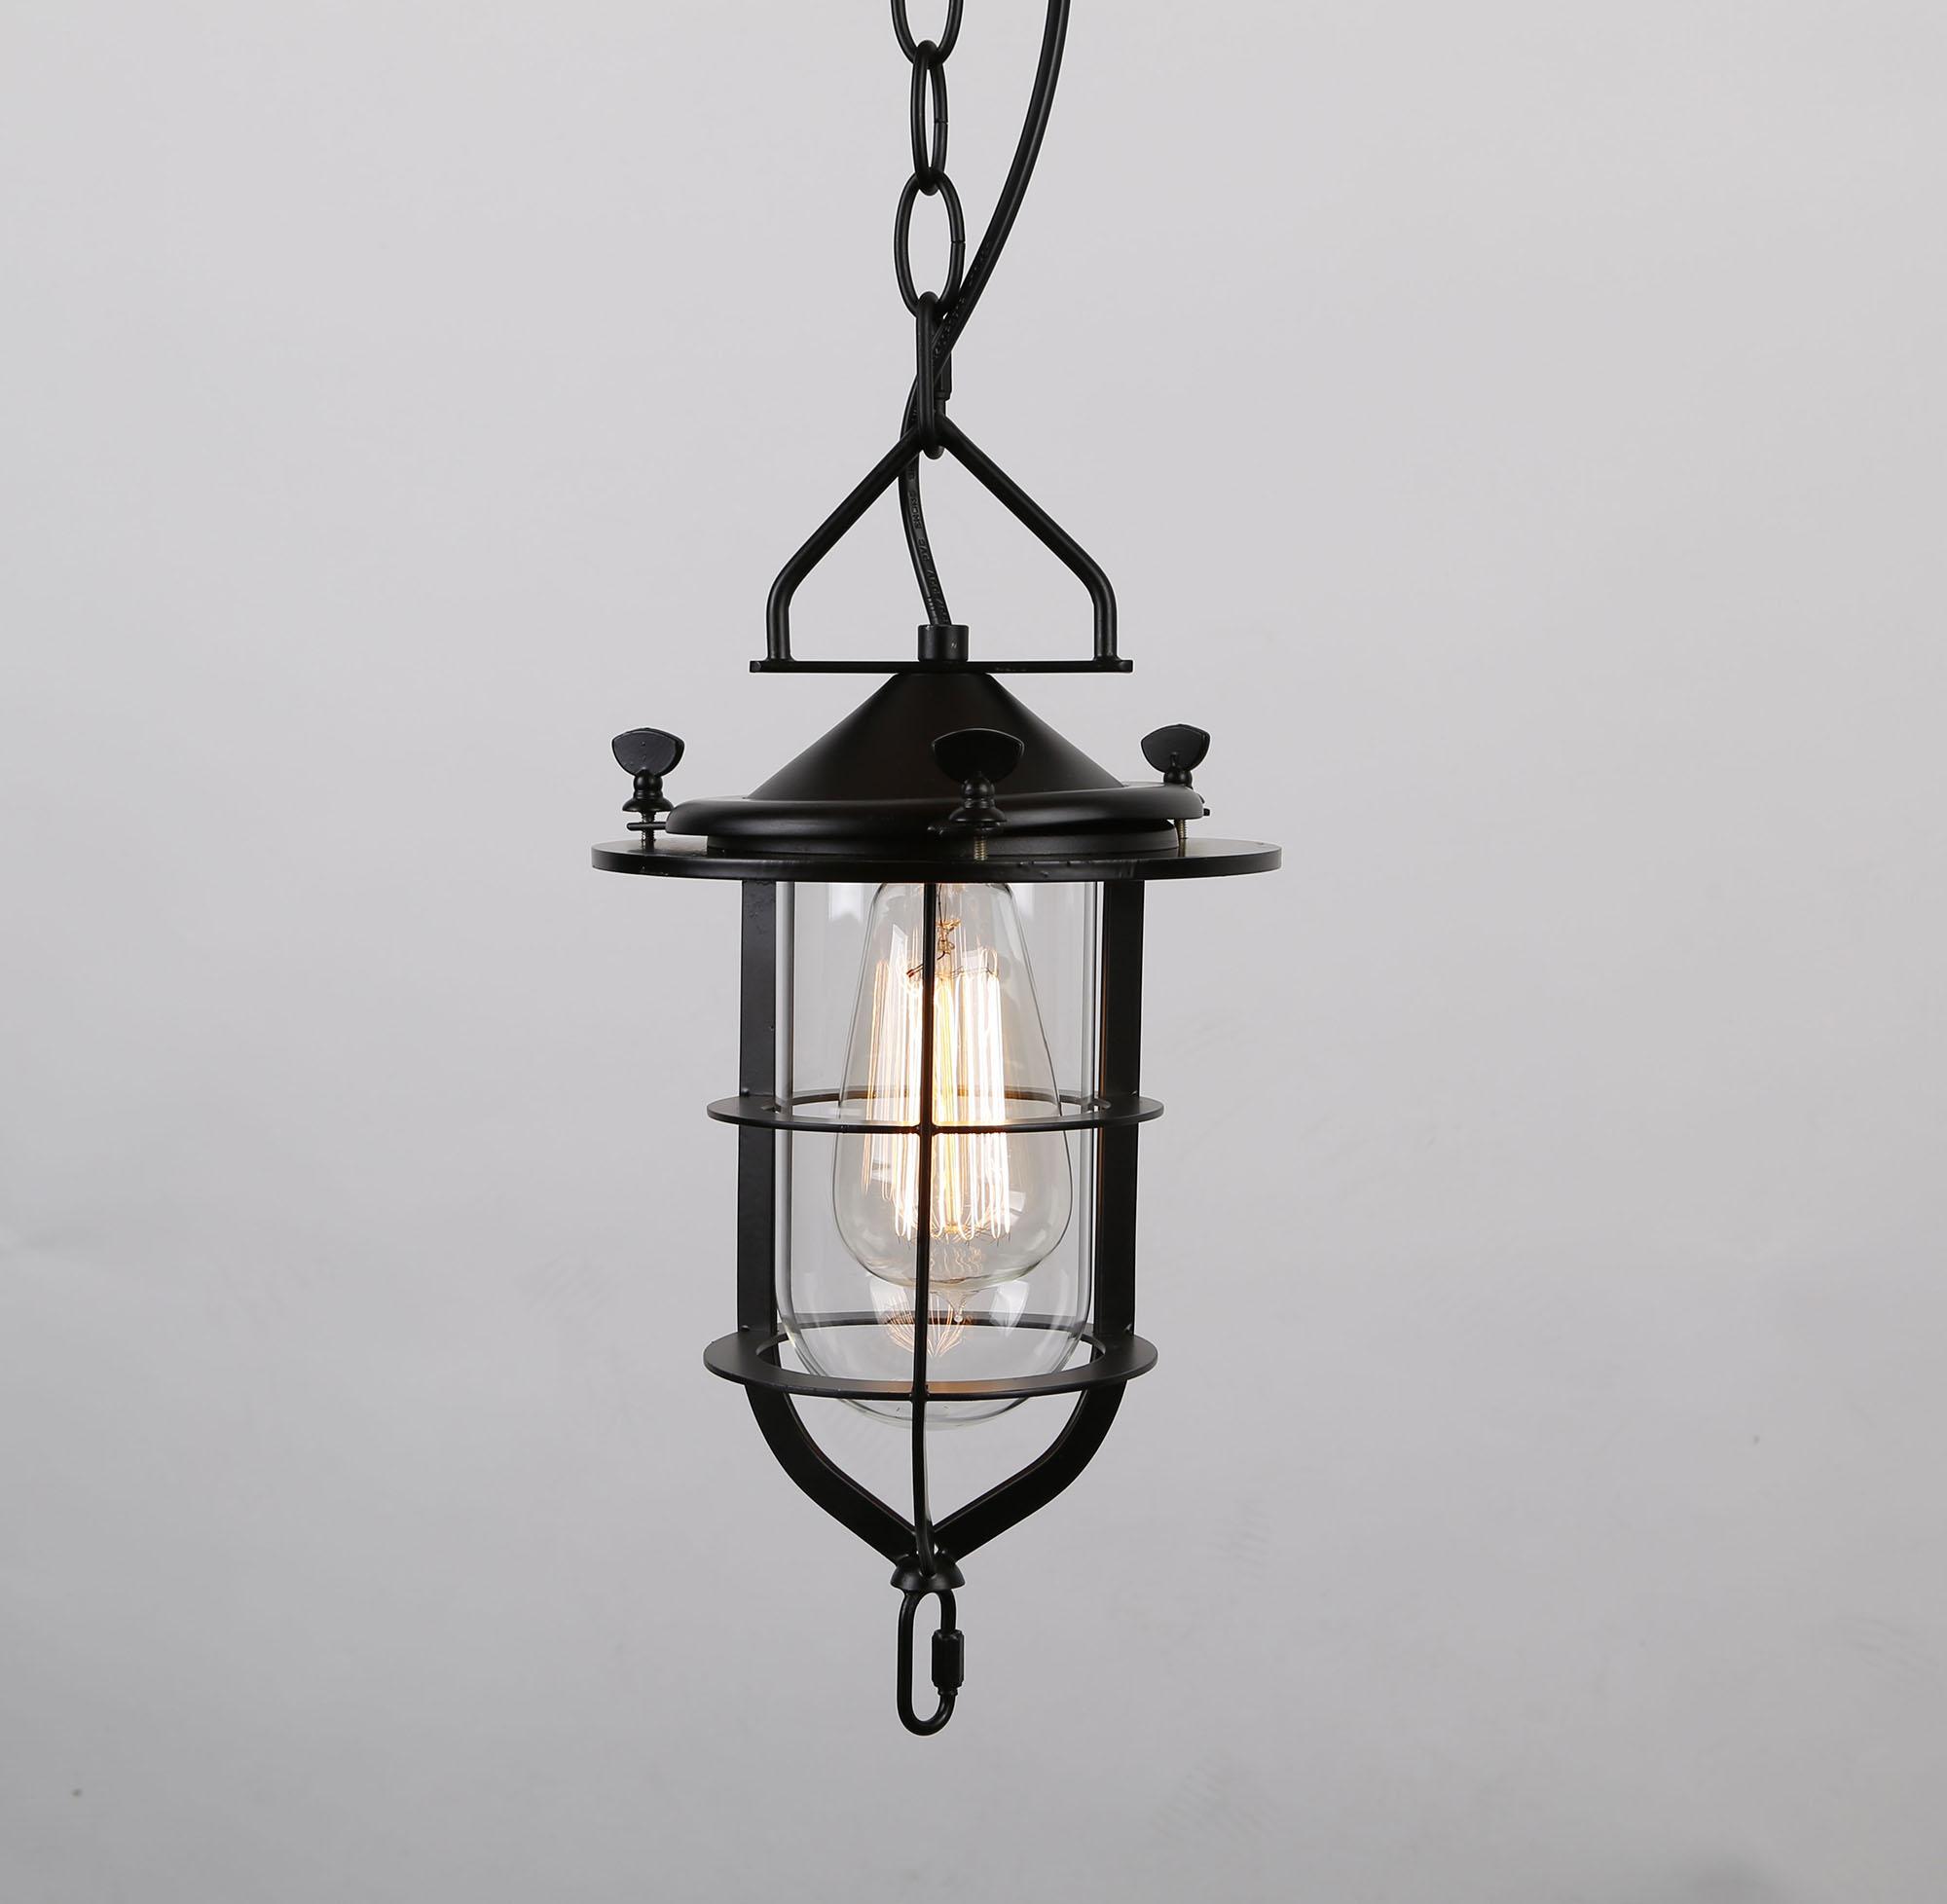 Черная подвесная лампа на цепи